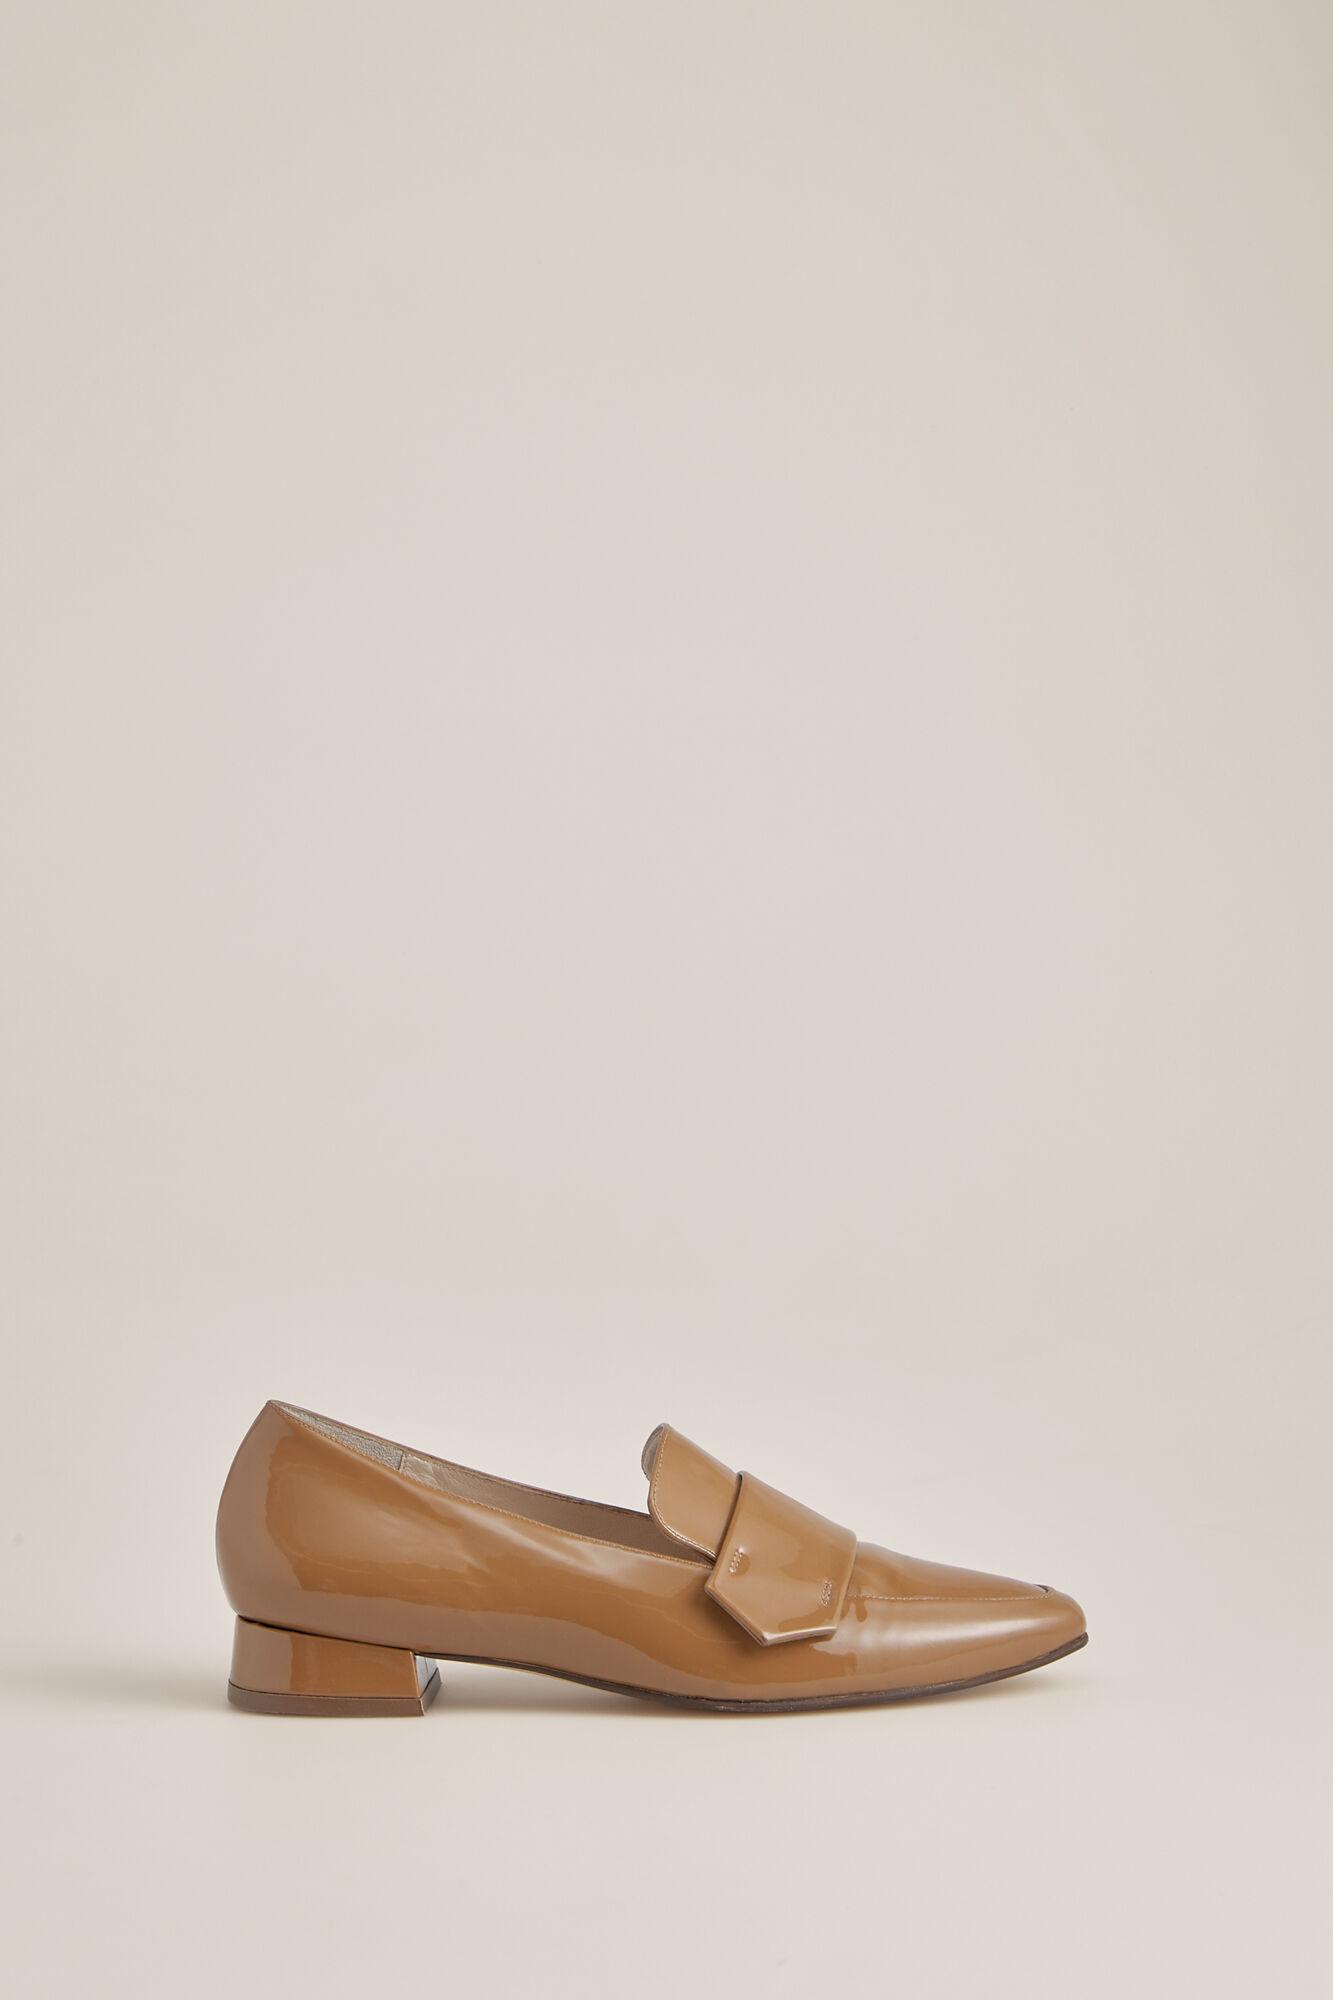 Zapatos Del Hierro Zapatos De De MujerPedro uwOlPikXTZ